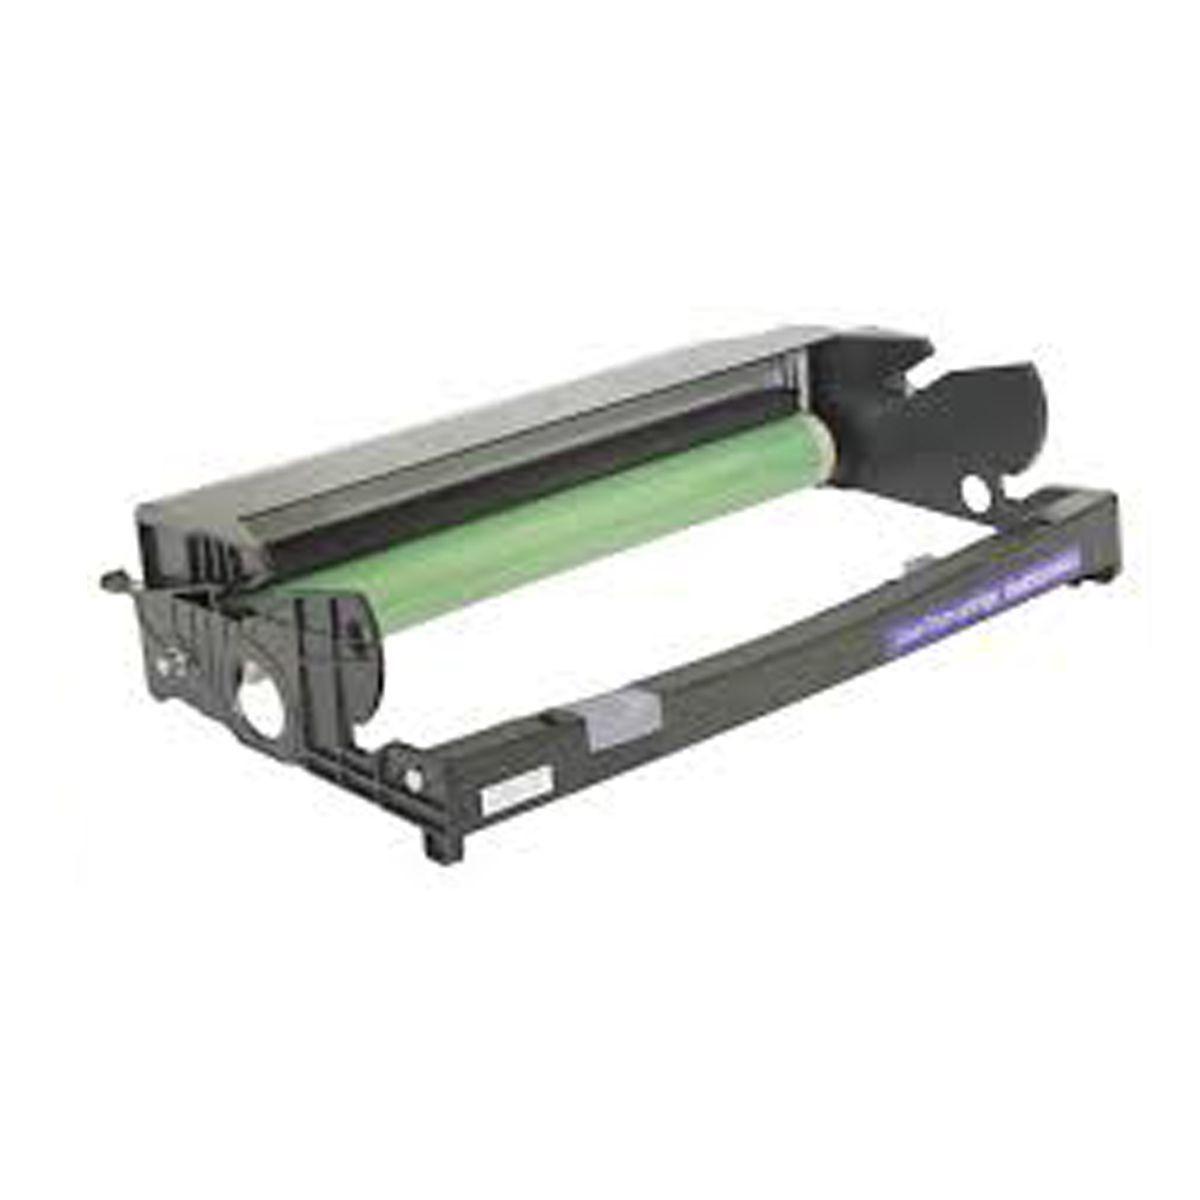 Fotocondutor Lexmark E230 E240 E330 E340 - 12A8302